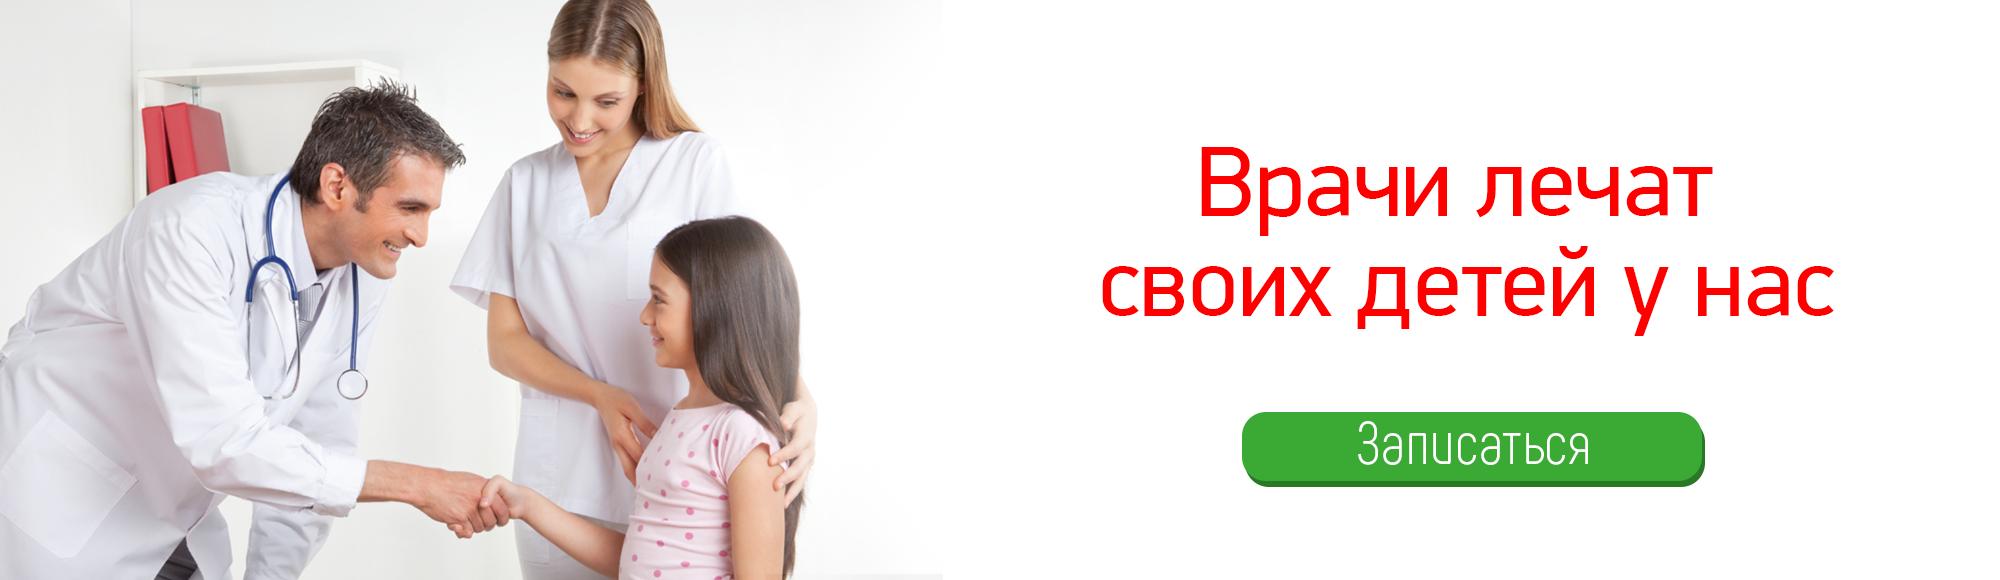 Детский врач в Воронеже